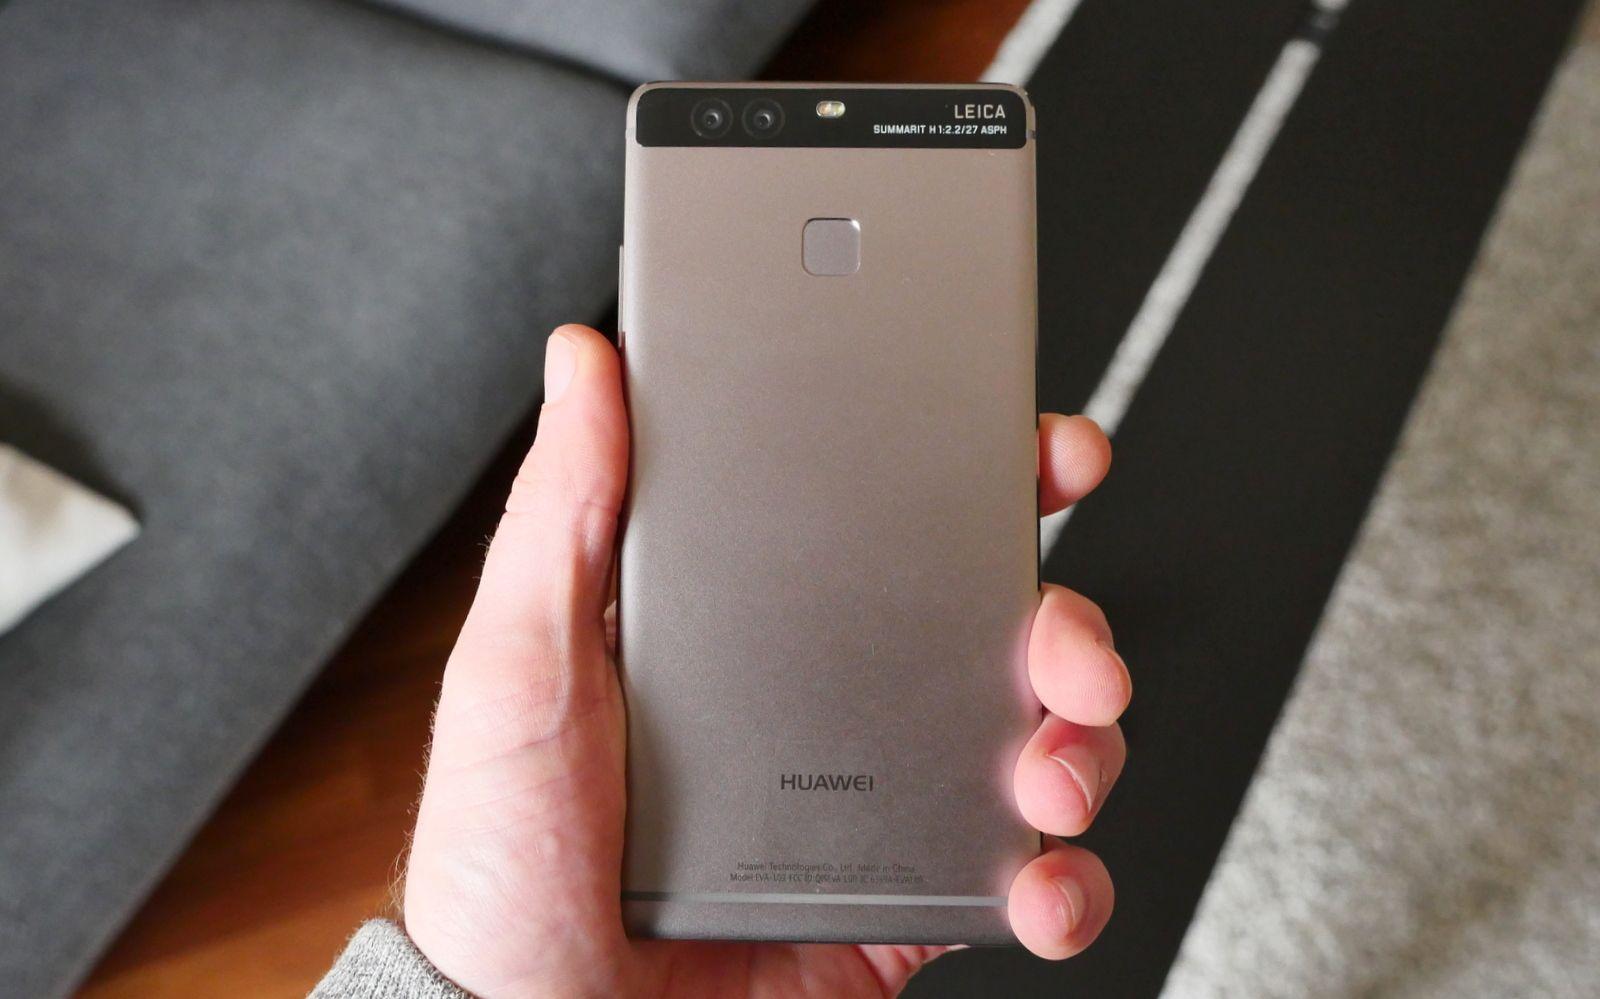 Huawei P10: come creare una cartella per ordinare le applicazioni